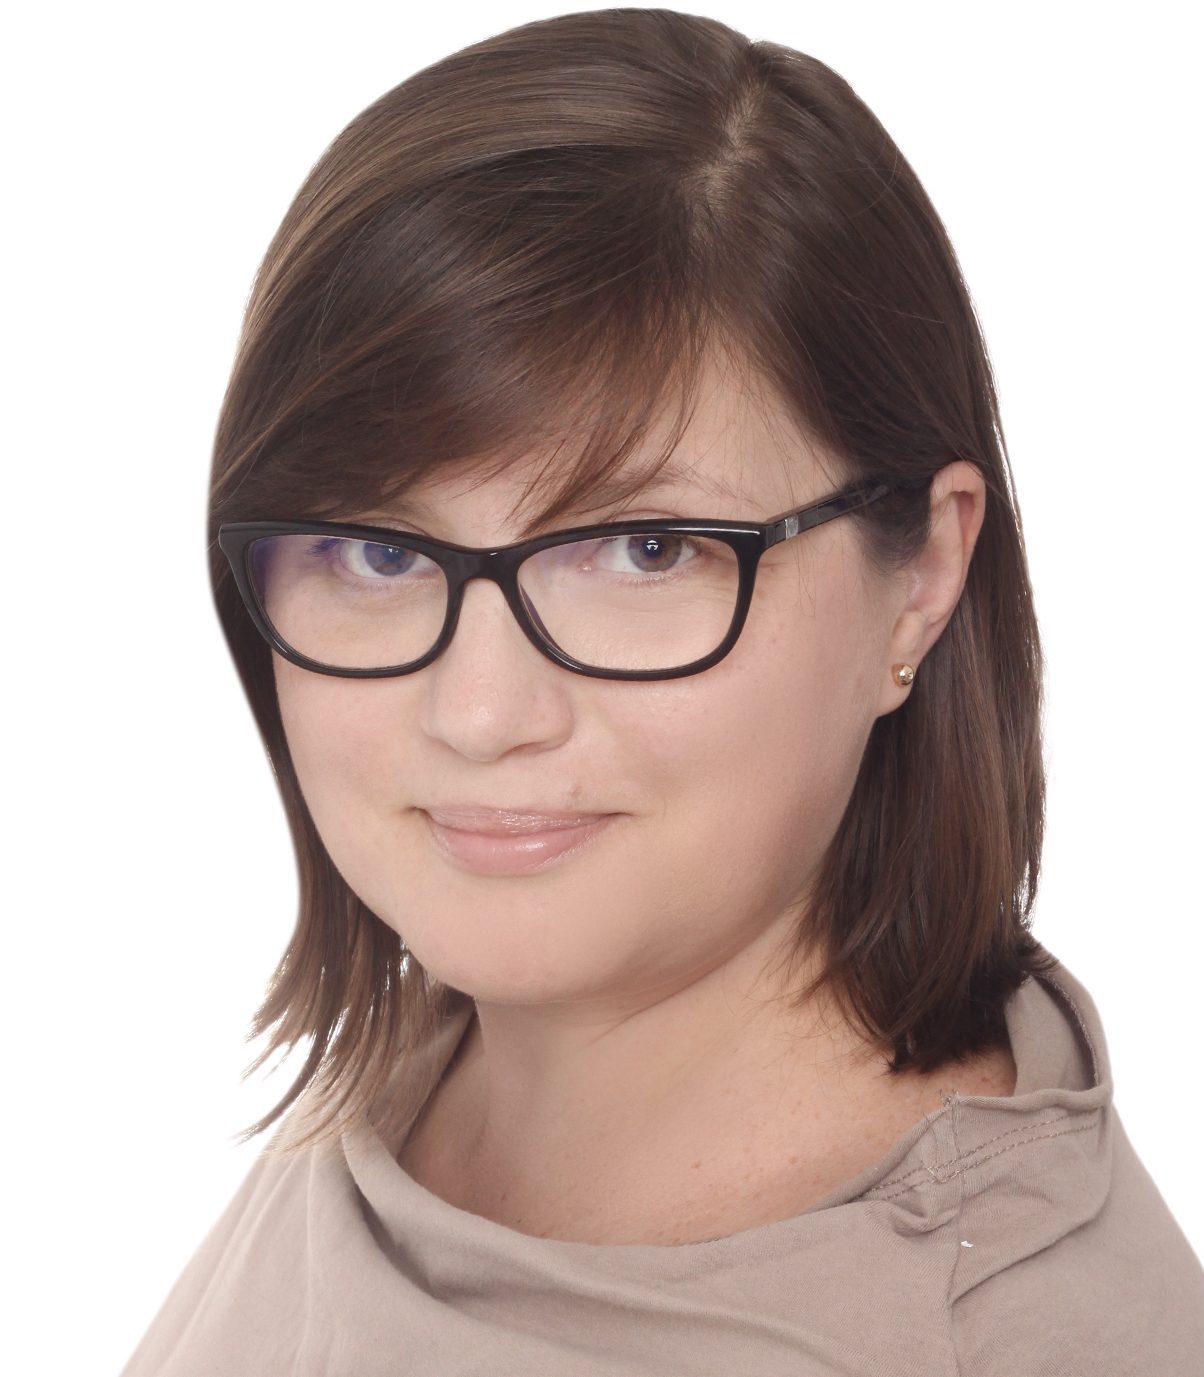 Вікторія Куделя-Свйонтек